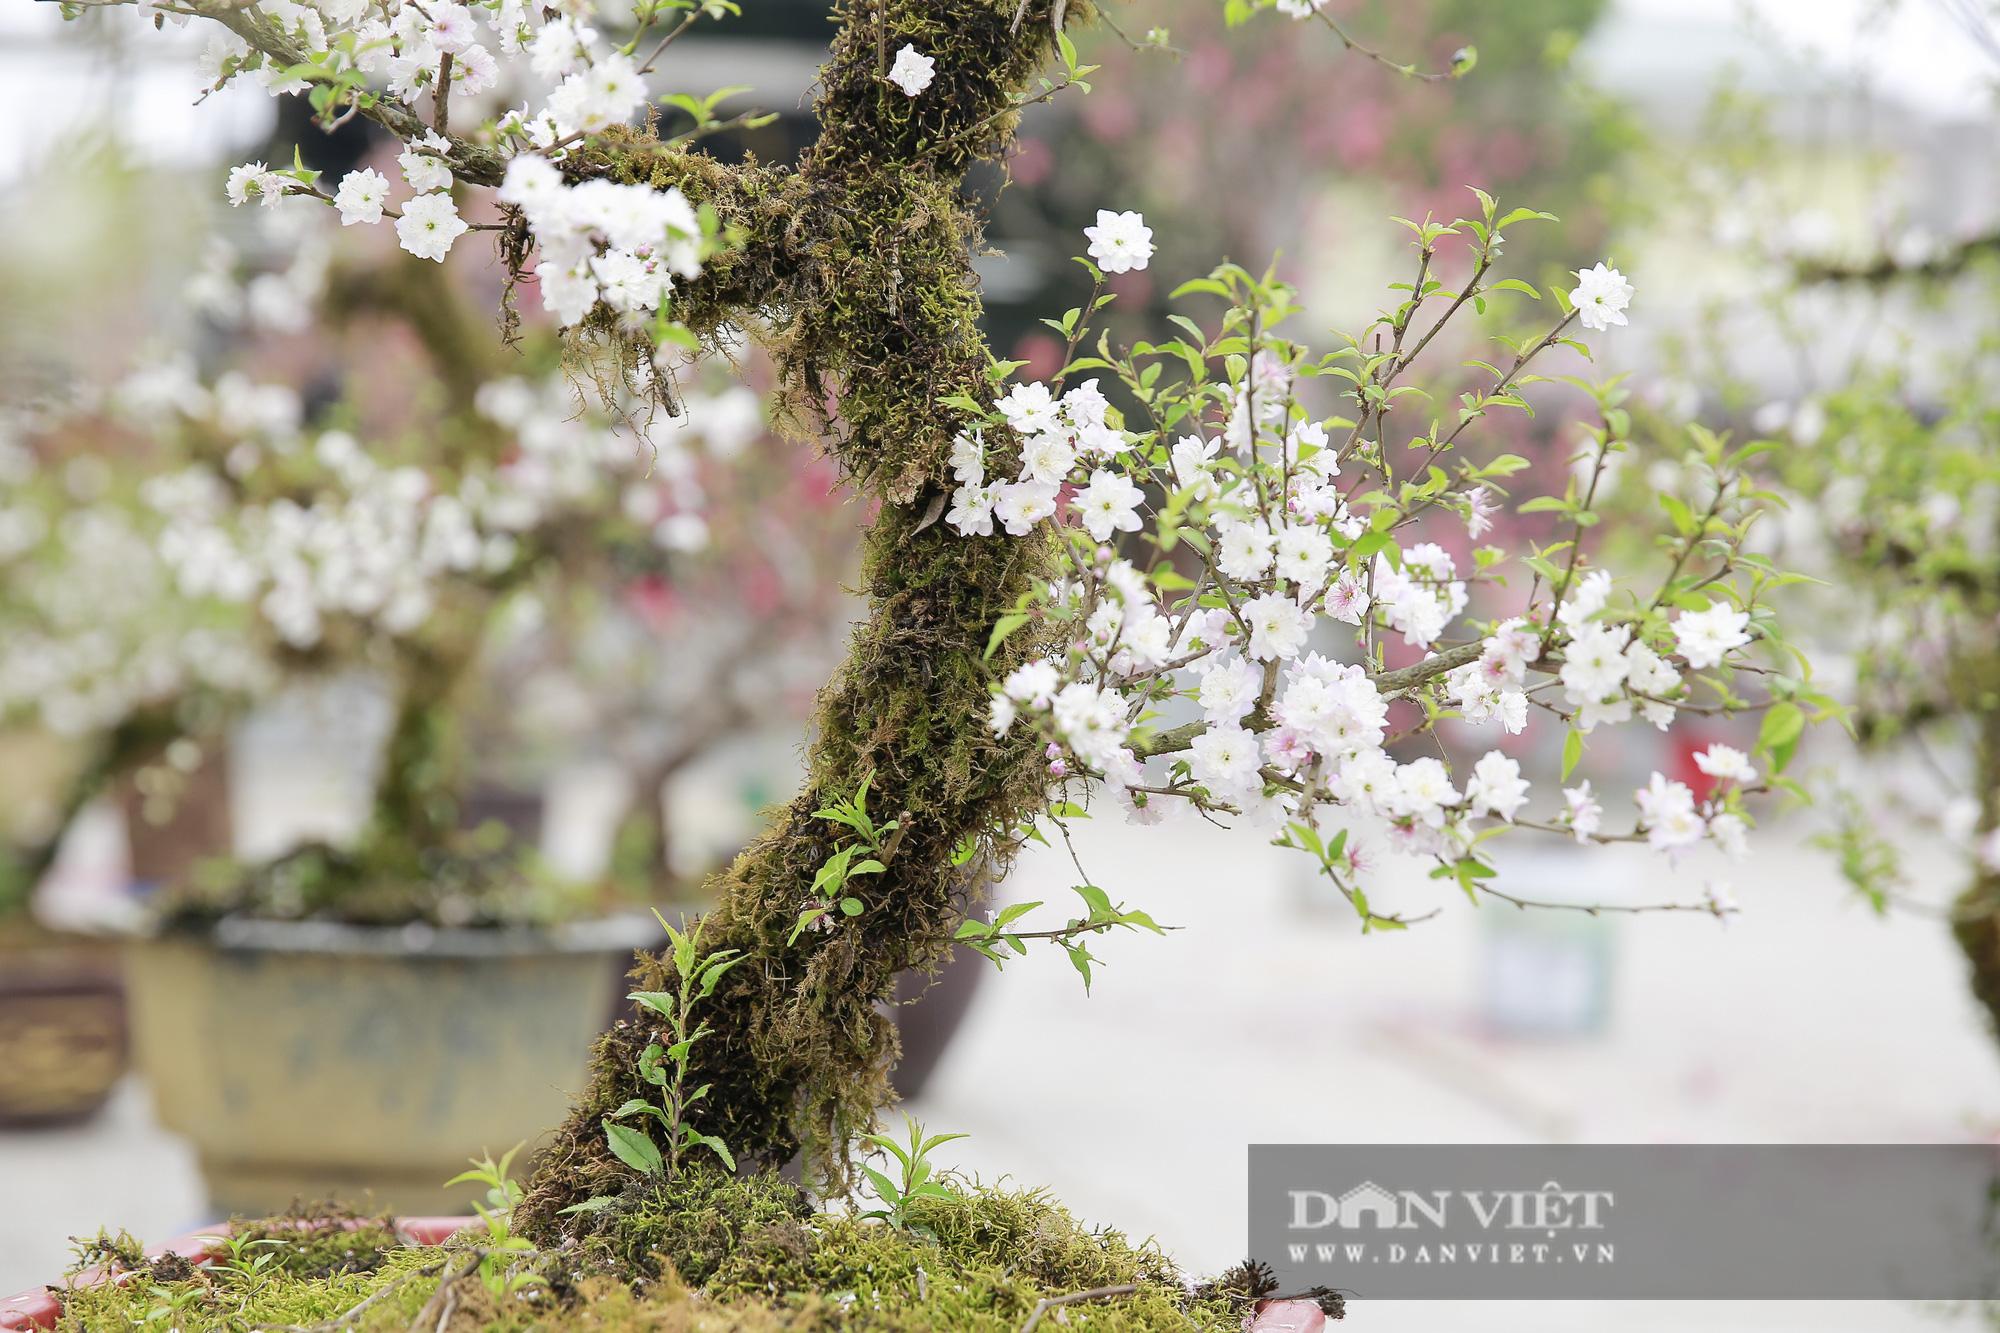 """Loài cây quý hiếm để trong nhà là """"sang"""" hút khách dịp Tết Nguyên đán - Ảnh 10."""